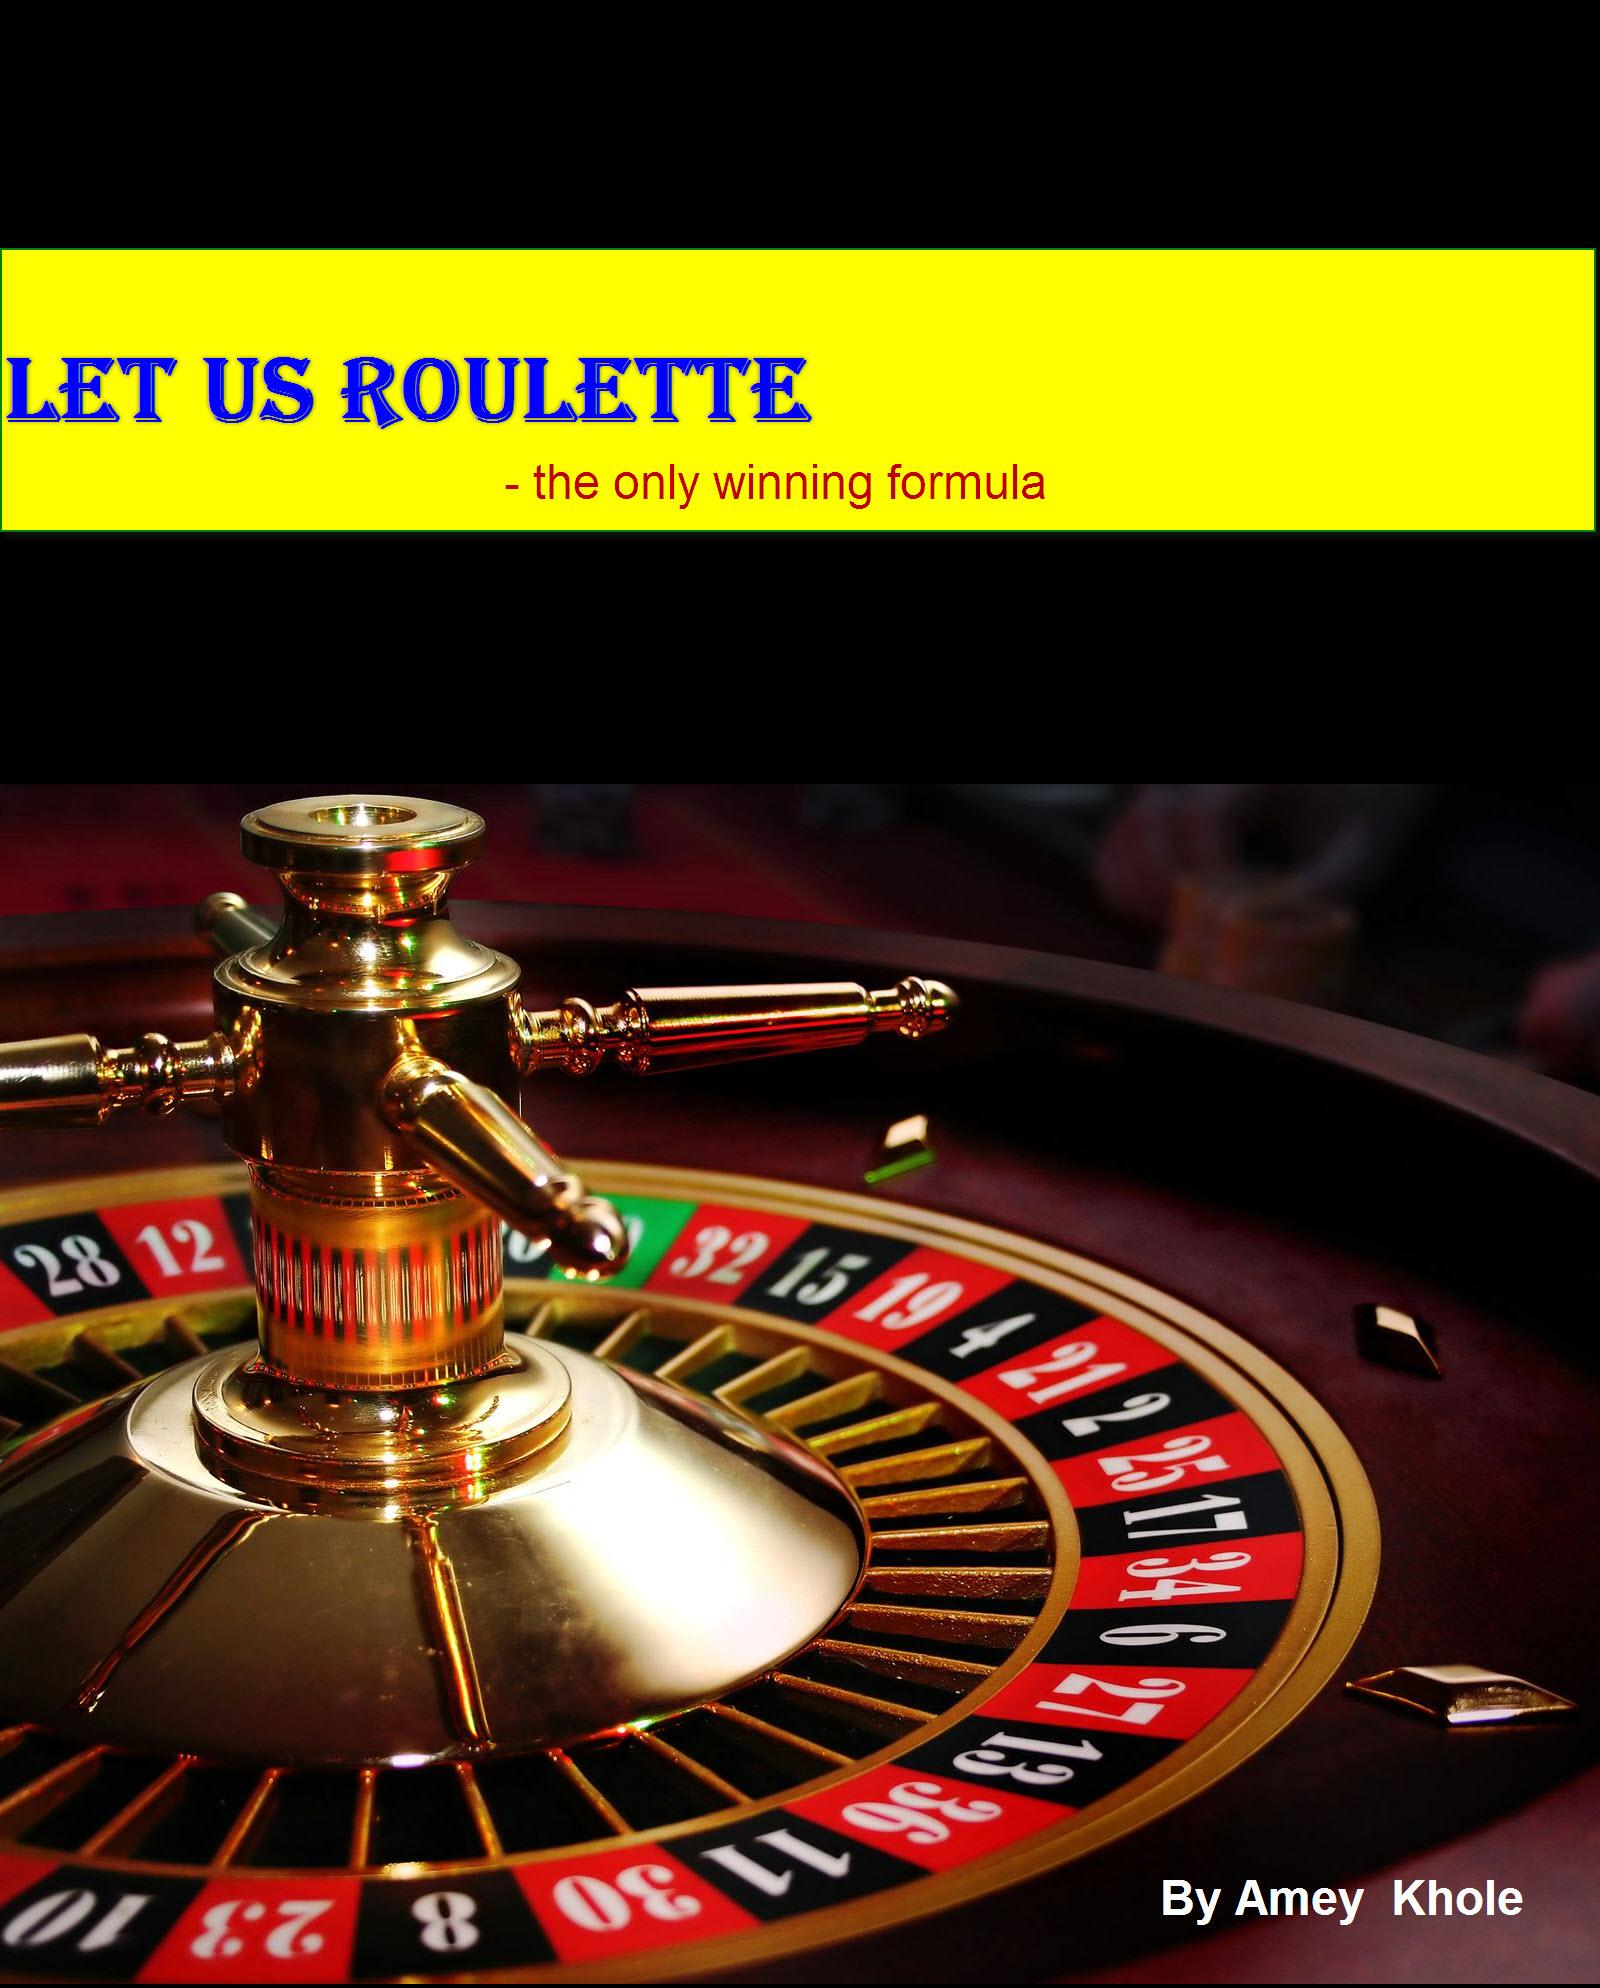 Let us roulette